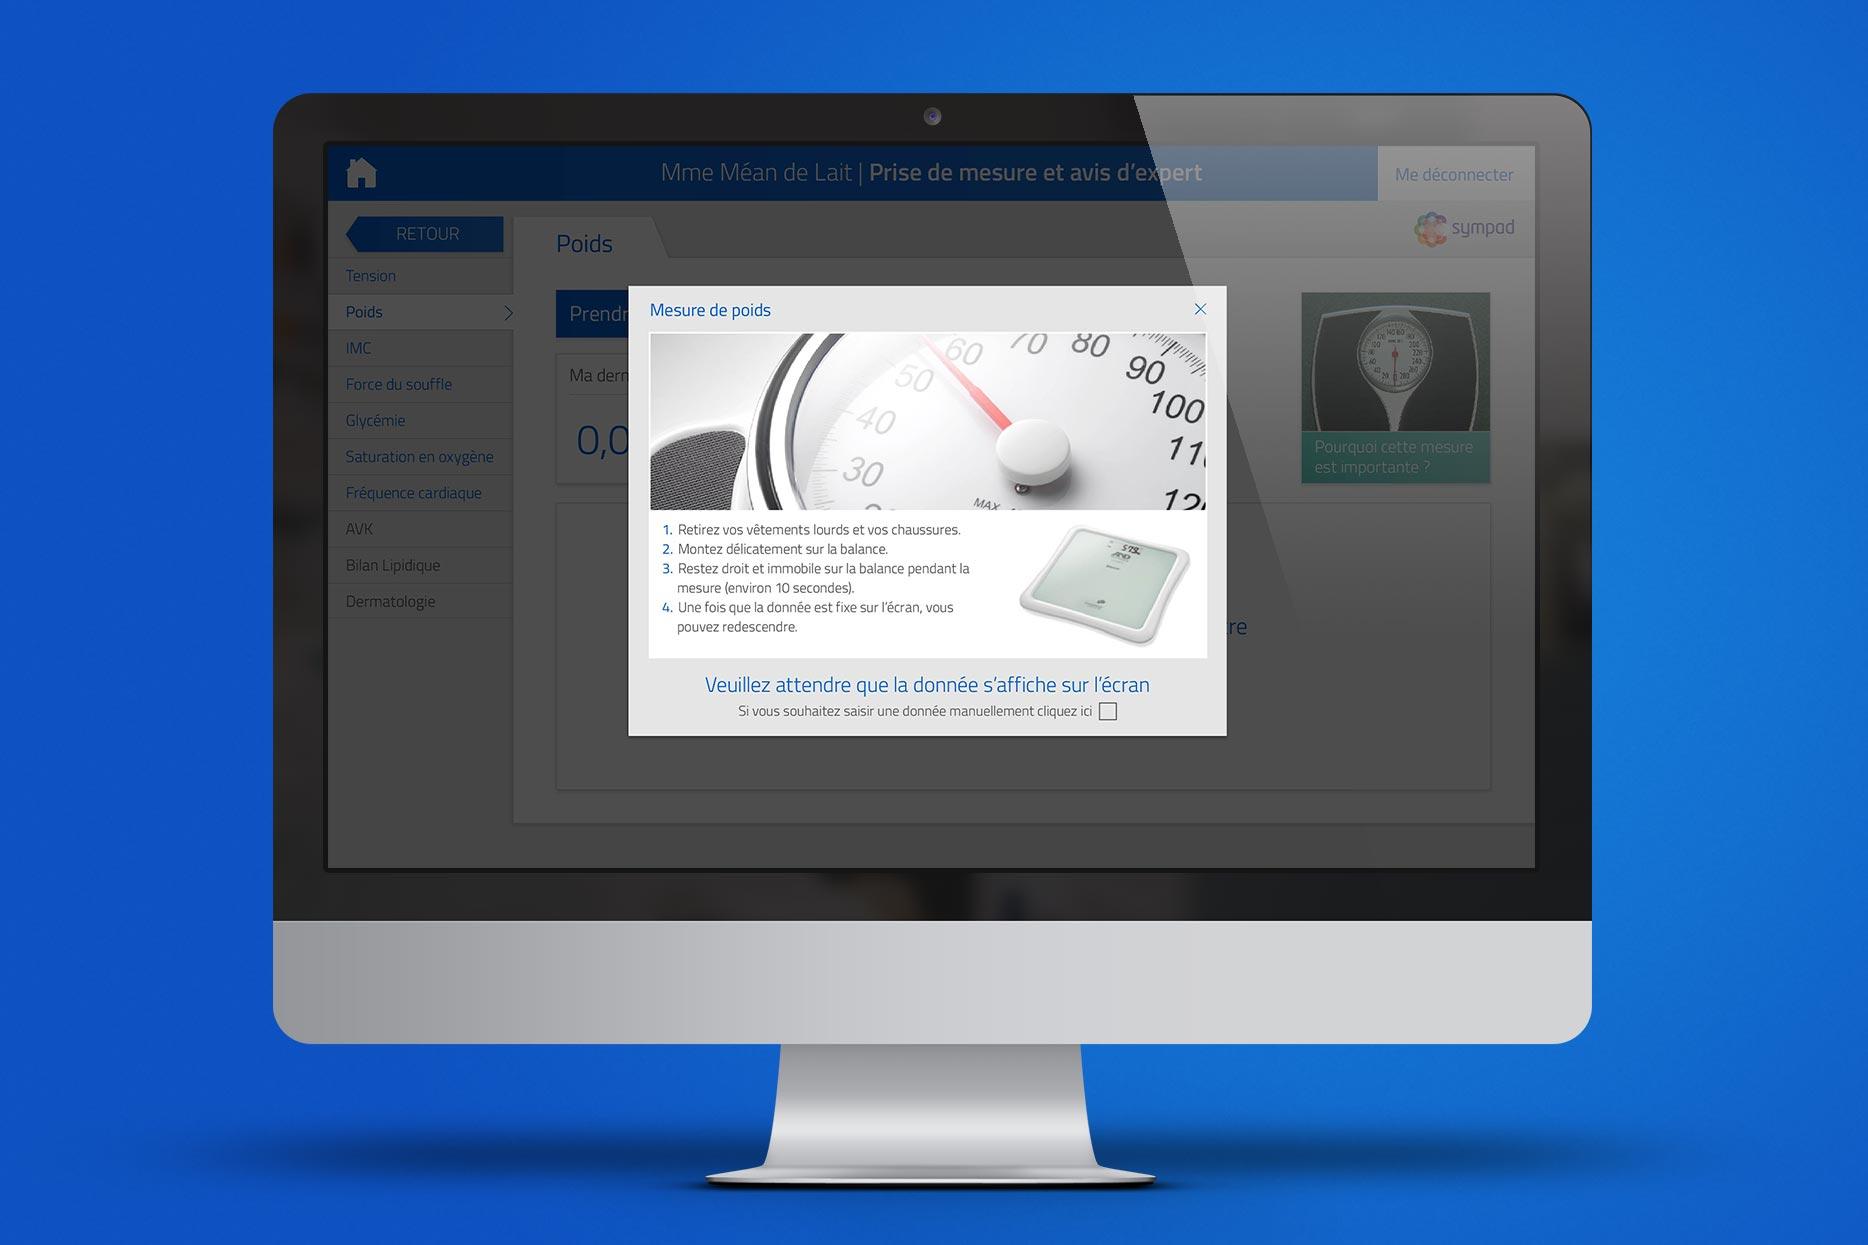 SYMPAD iMac-Mockup-MesurePoids